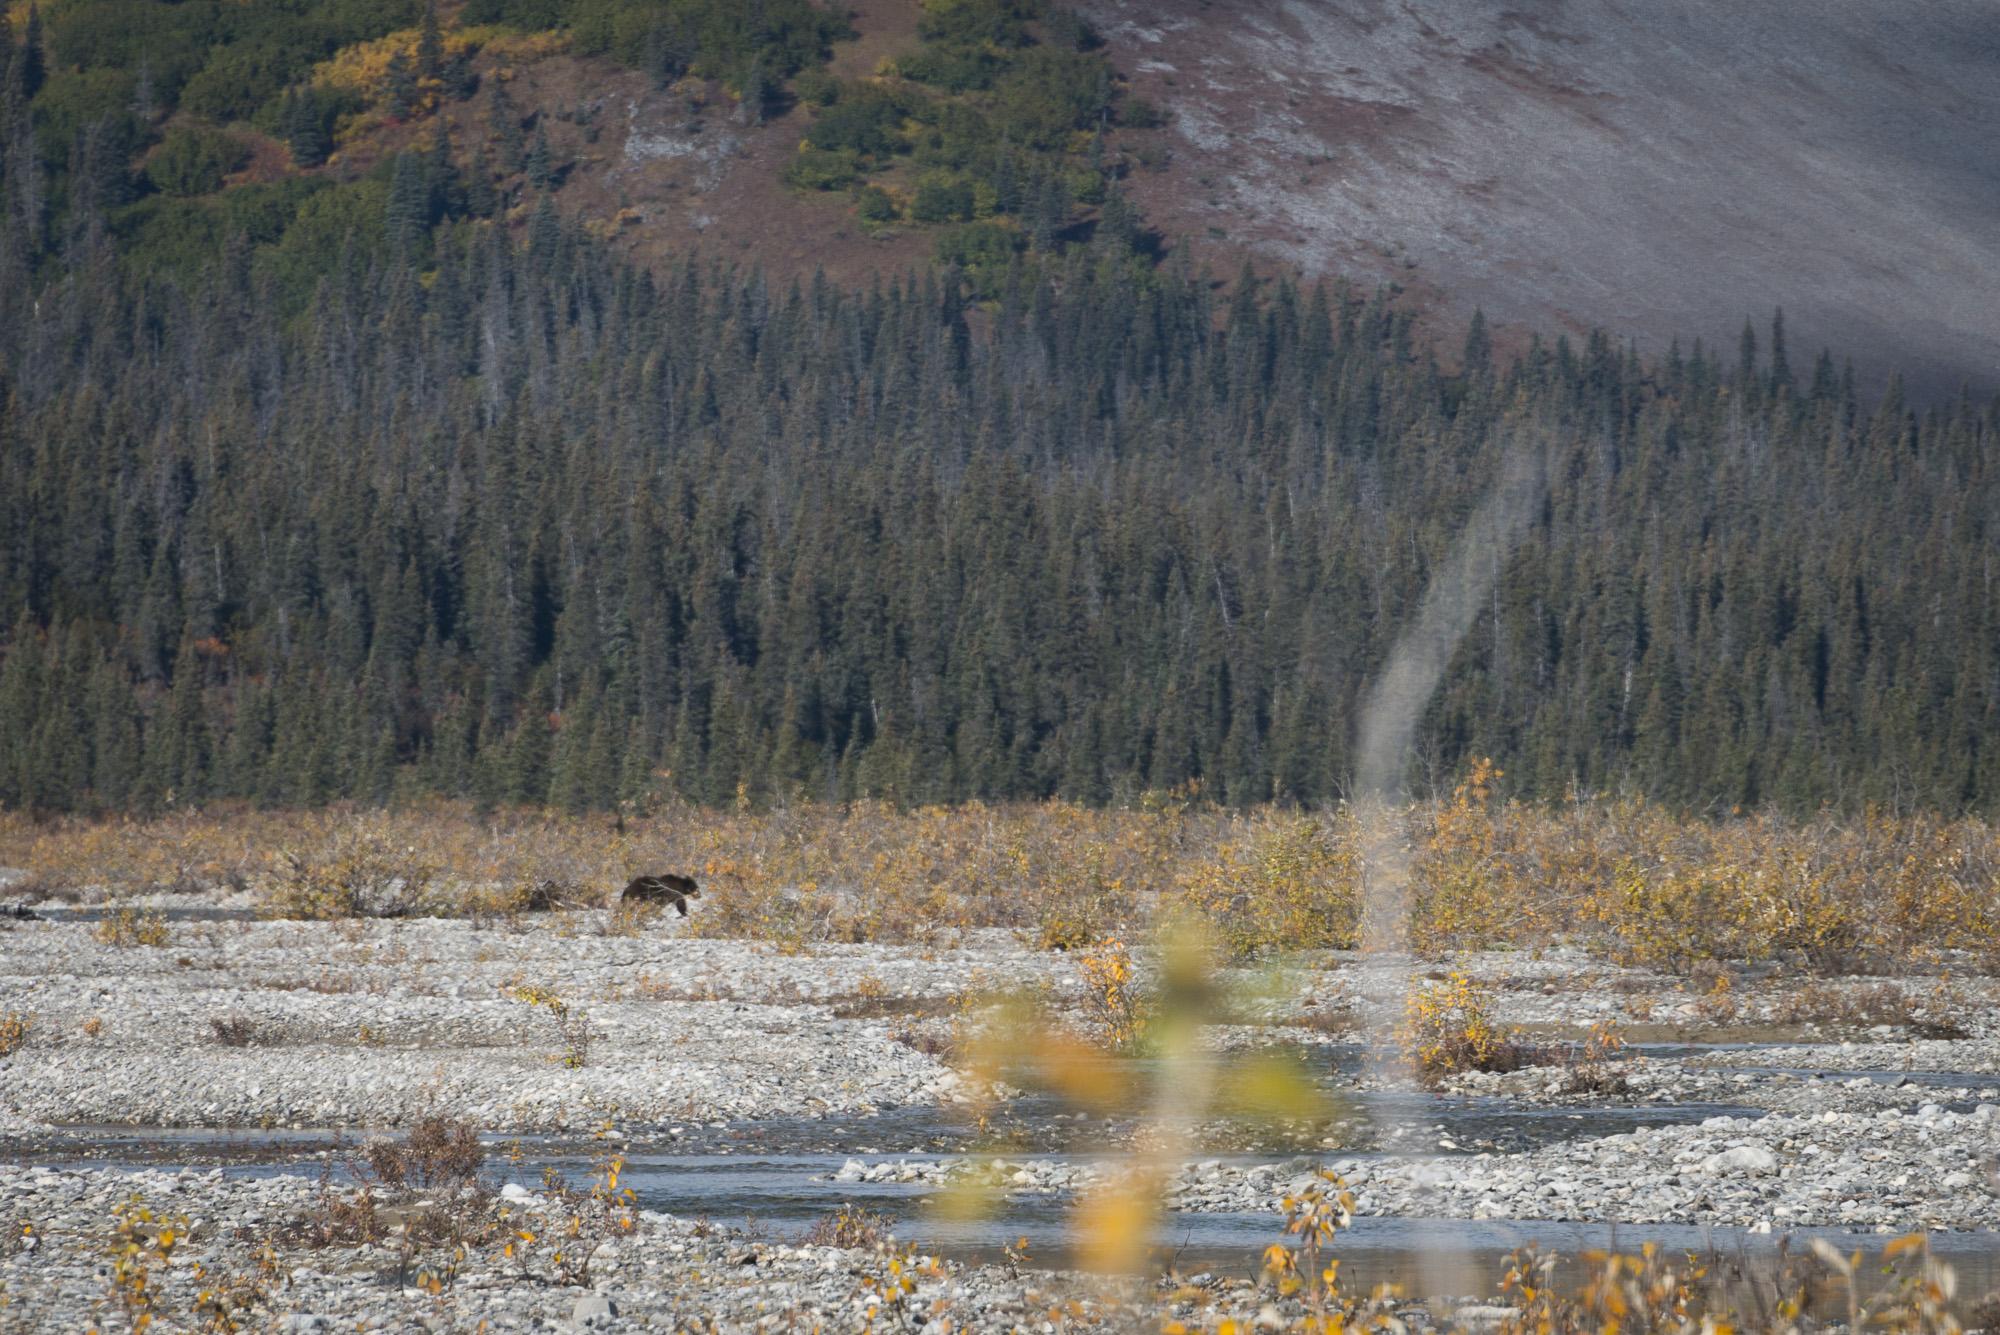 Black bear heading towards camp.